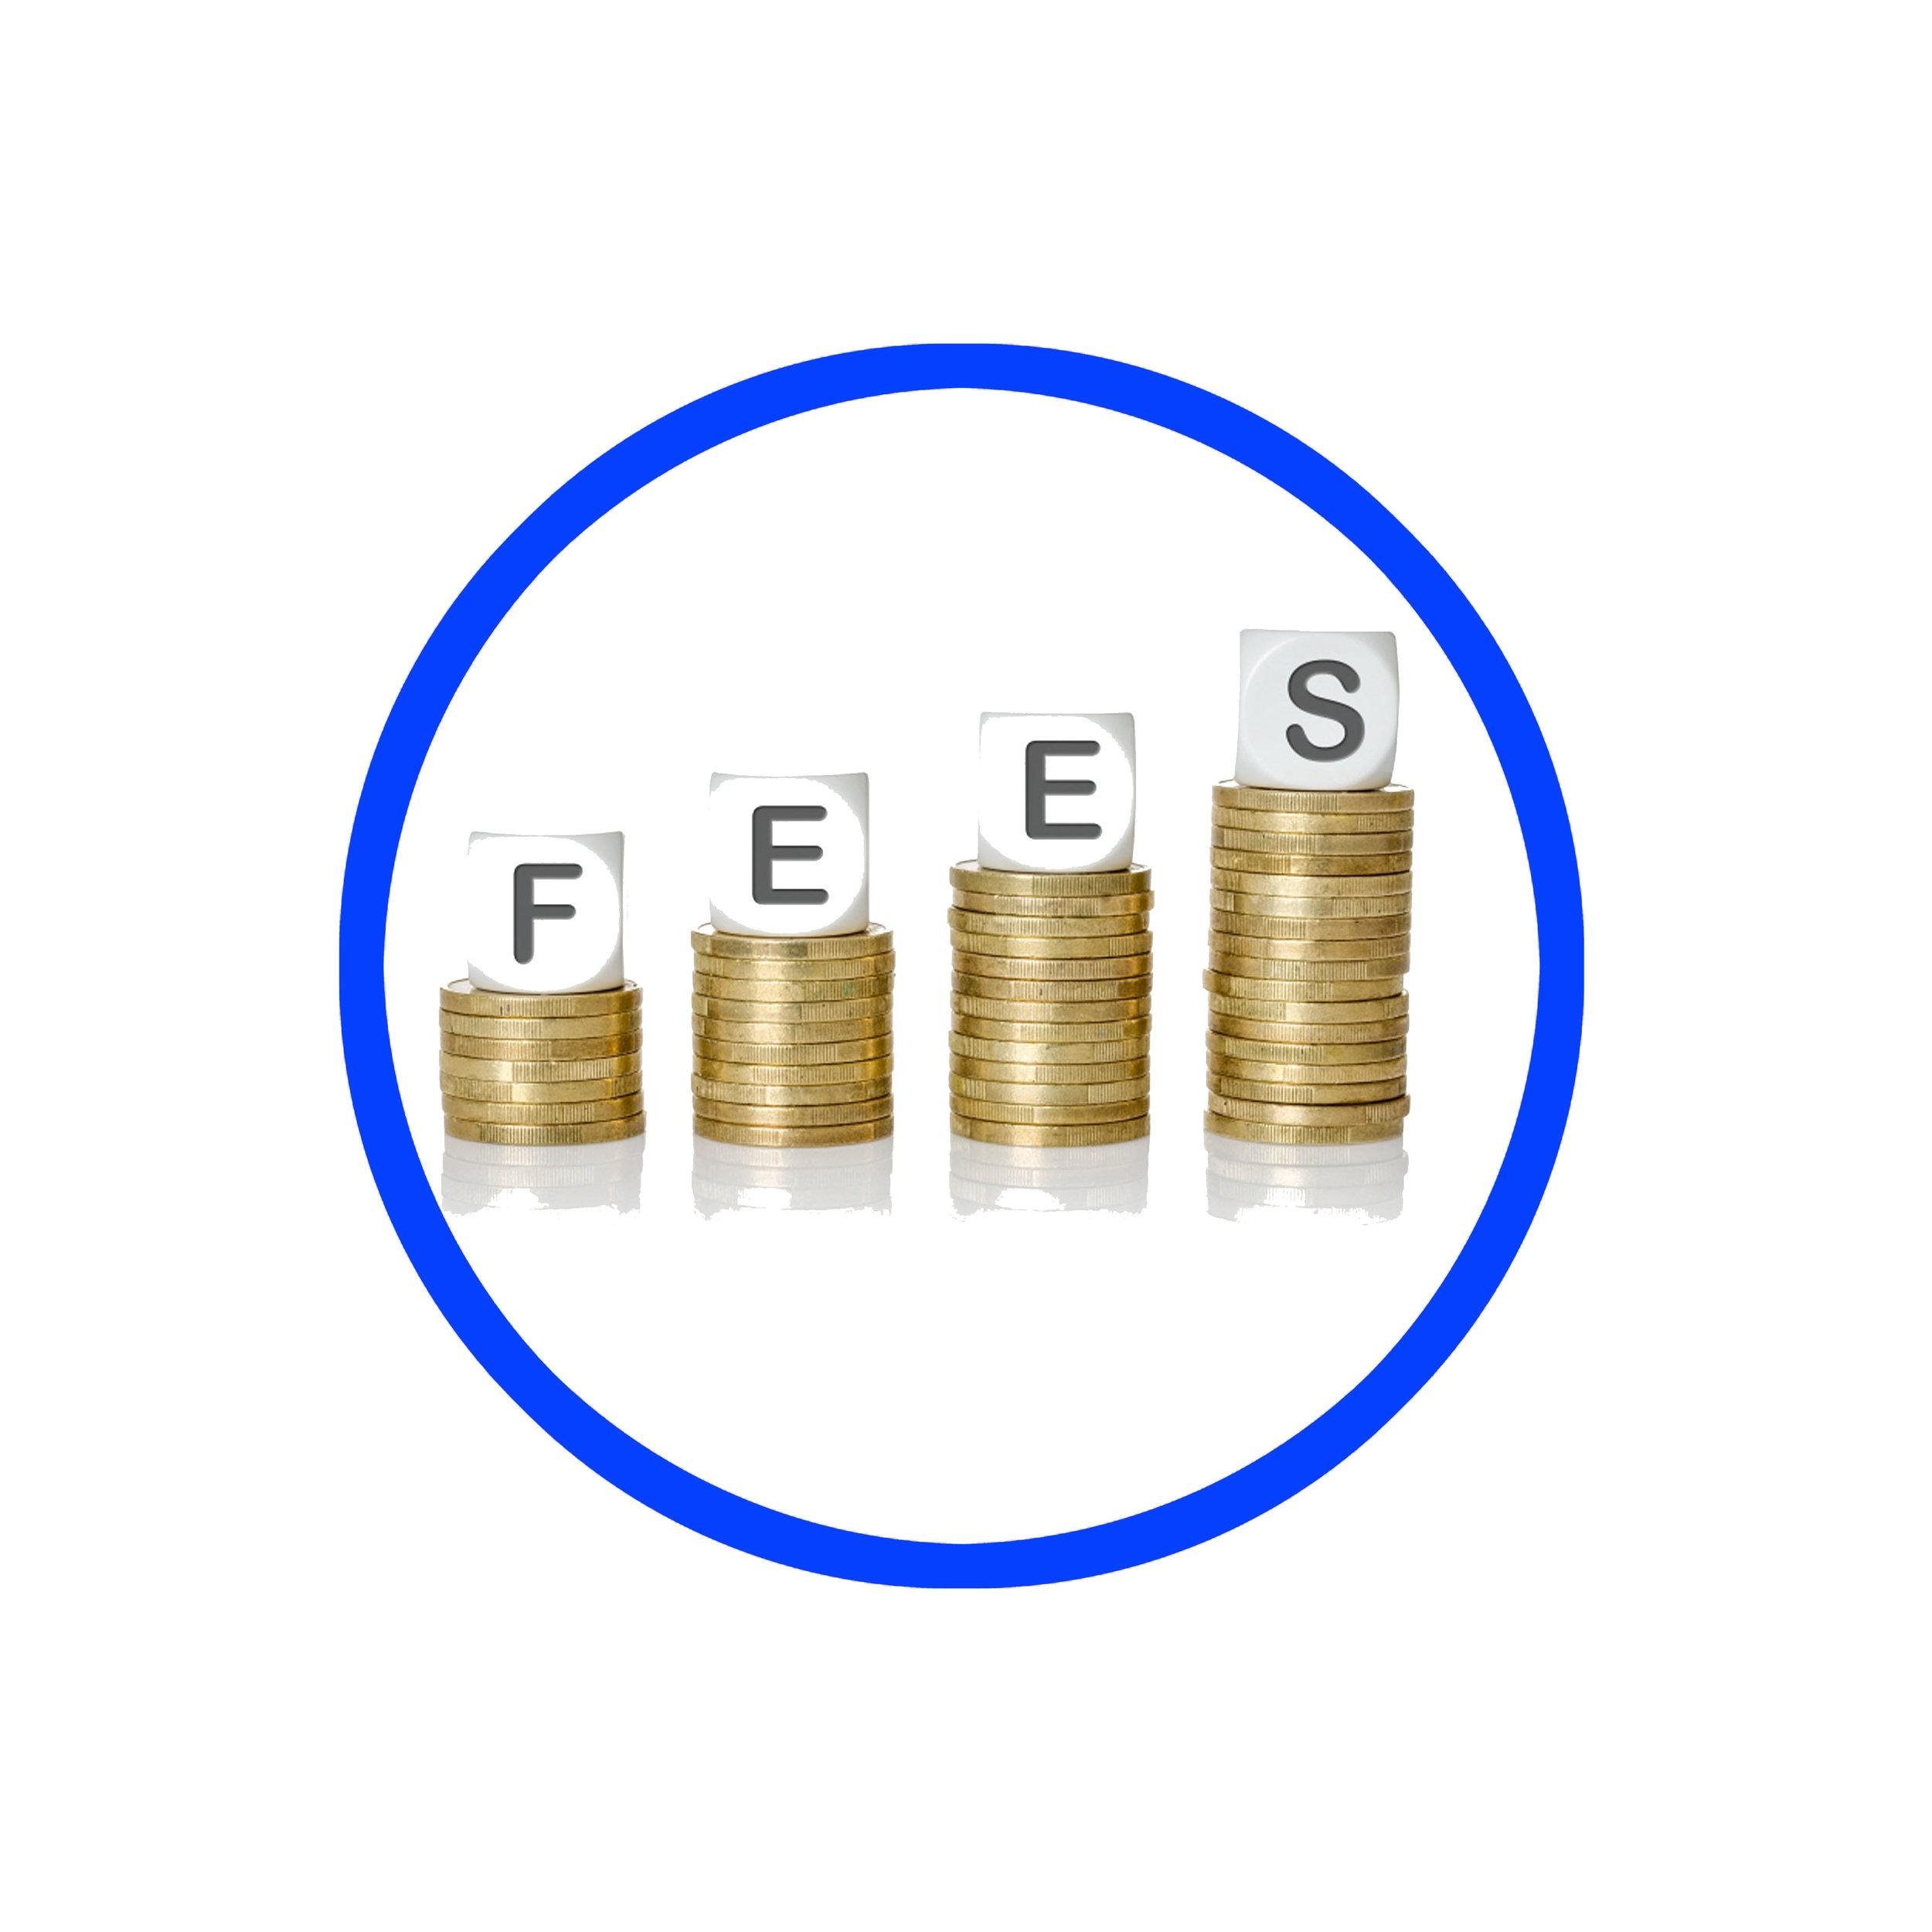 fees-2.jpg